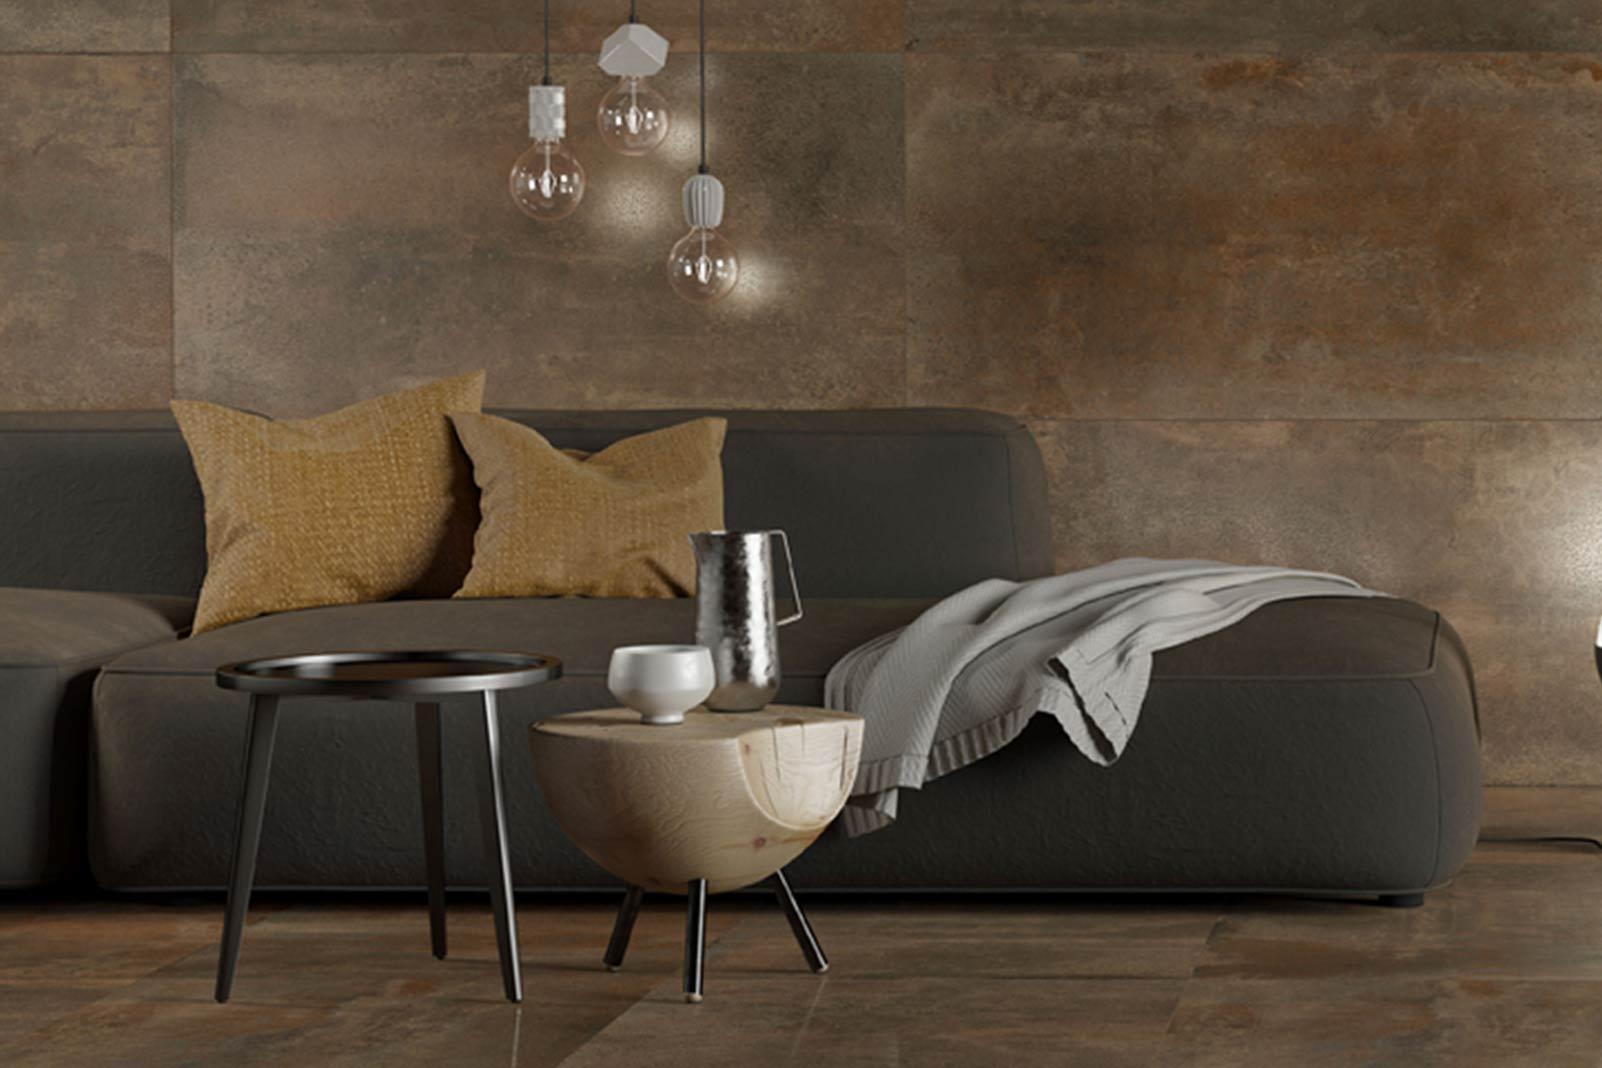 spanische fliesen interesting mit spanischen fliesen u ornament frame with spanish tiles u. Black Bedroom Furniture Sets. Home Design Ideas